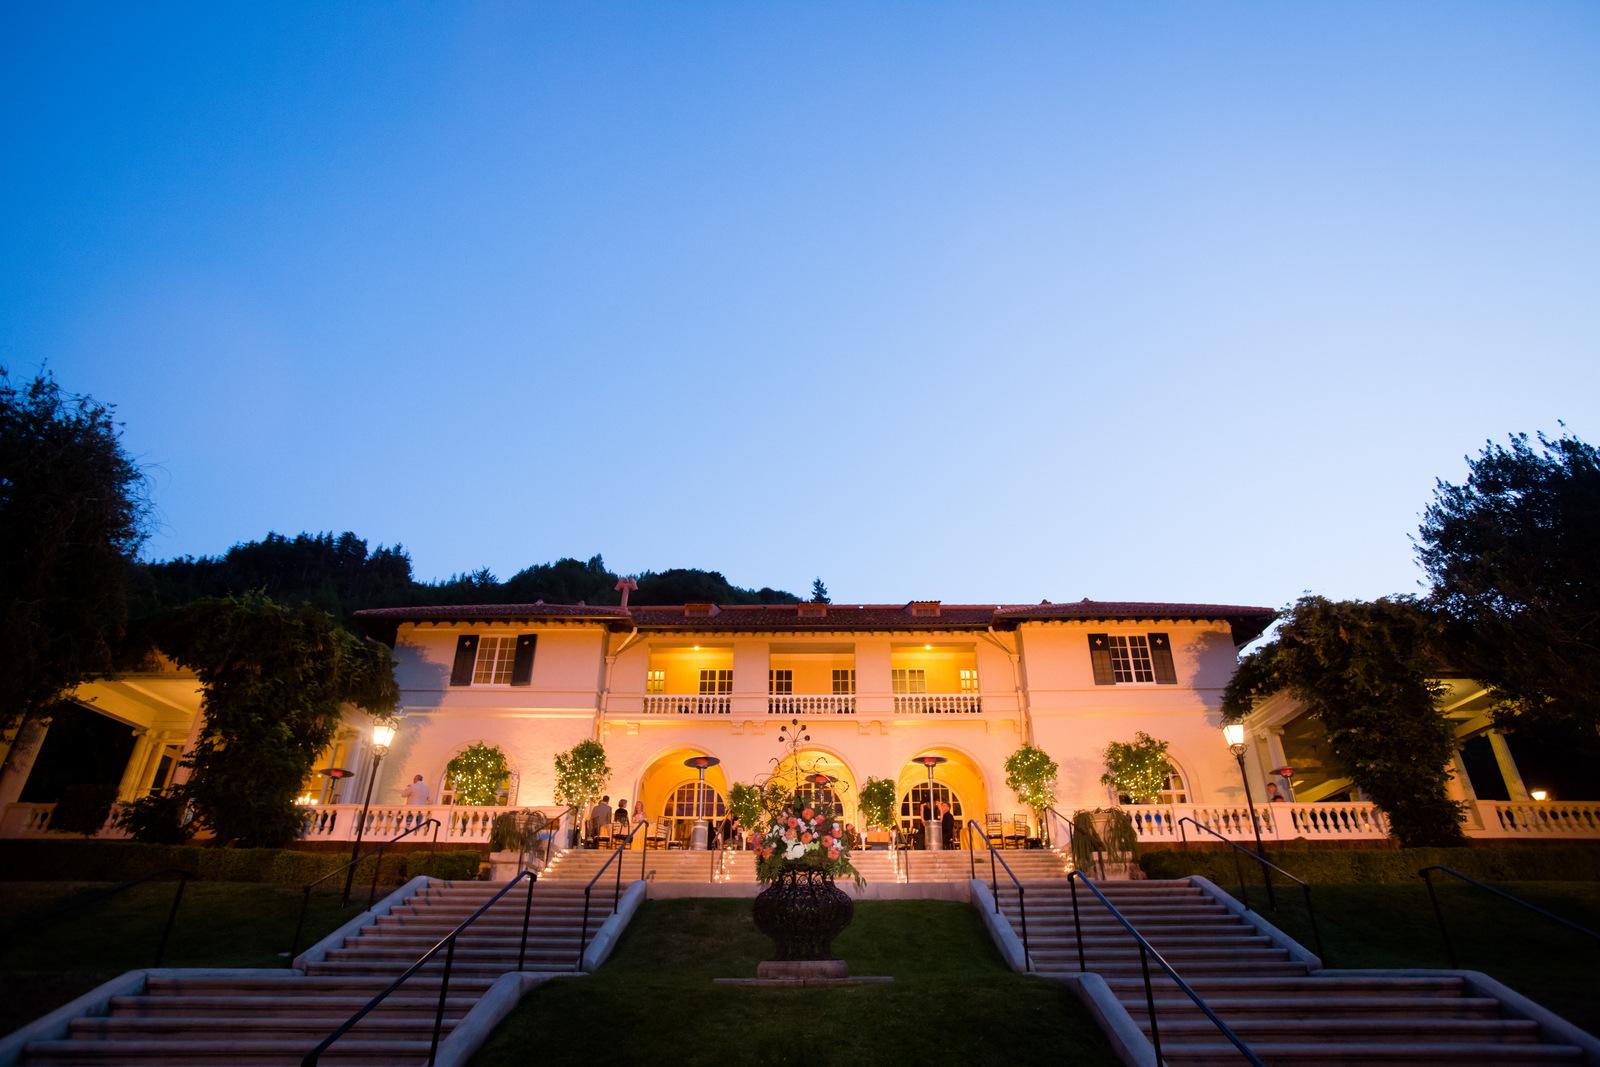 zac-mansion-night.JPG